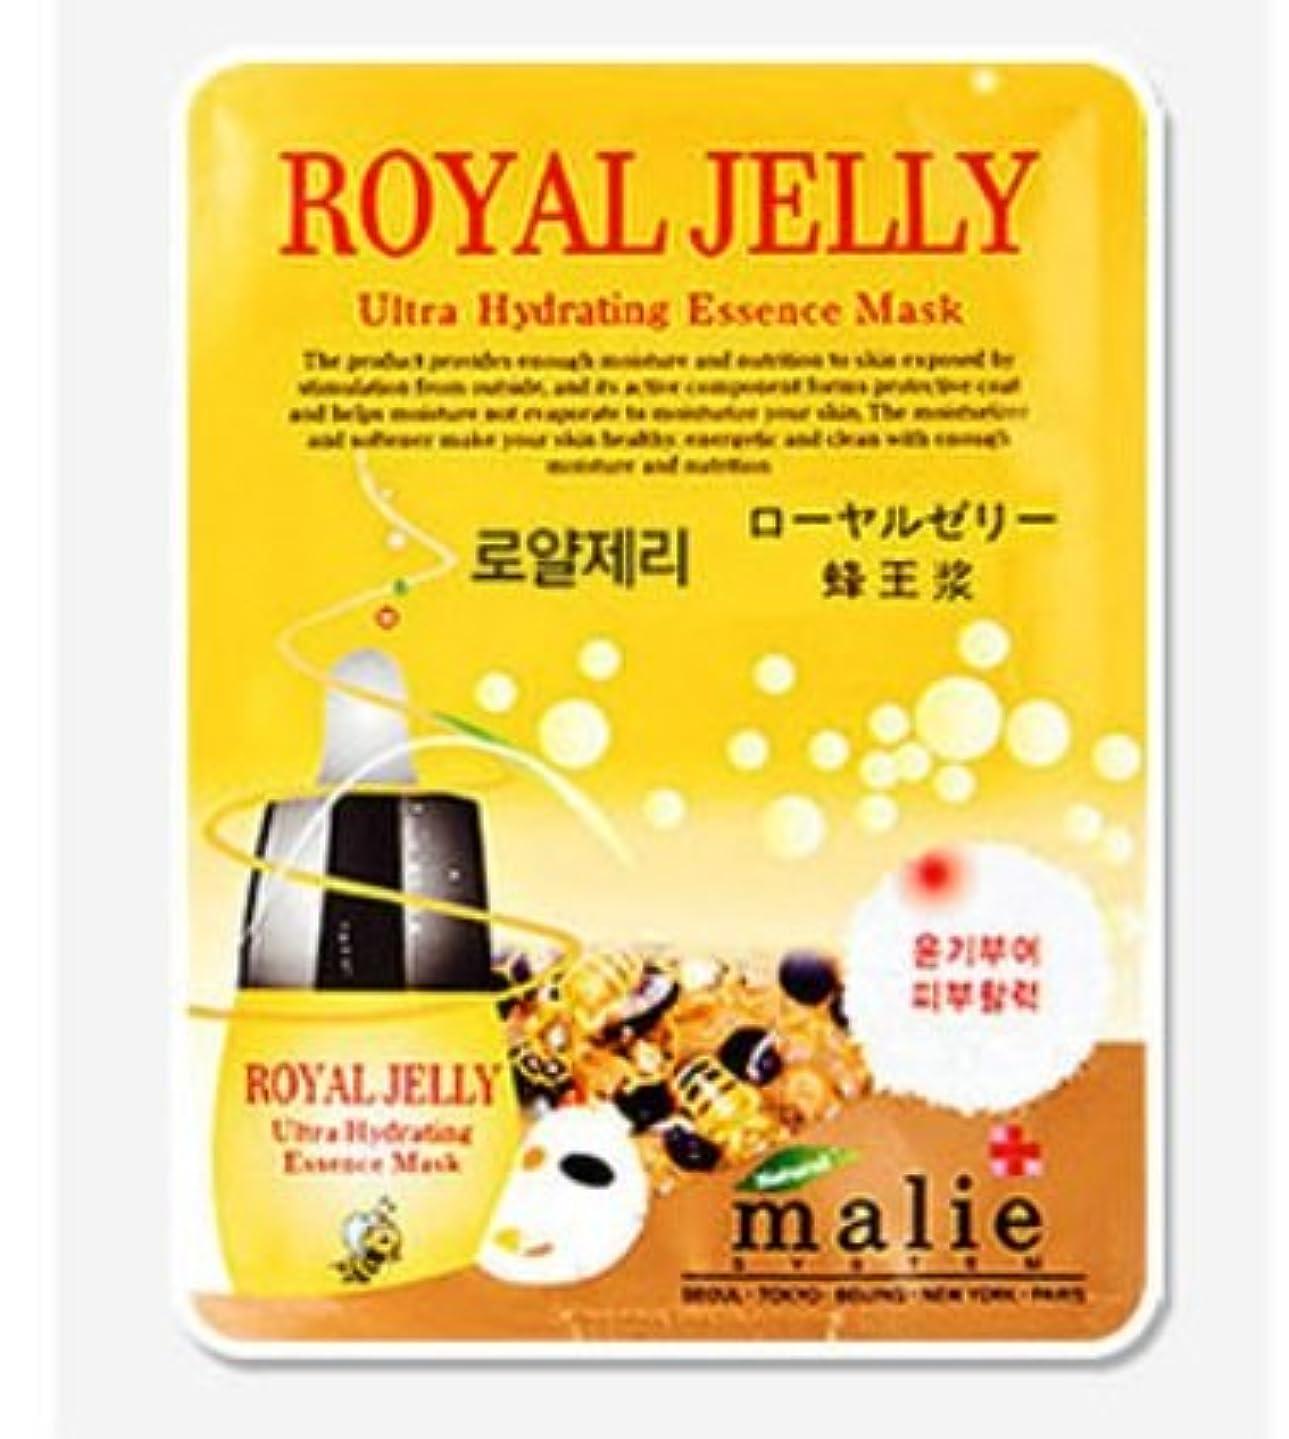 聞きますフェロー諸島正気[MALIE] まりえローヤルゼリーウルトラ?ハイドレーティング?エッセンスマスク25gX10枚 / Malie Royal Jelly Ultra Hydrating Essence Mask [並行輸入品]